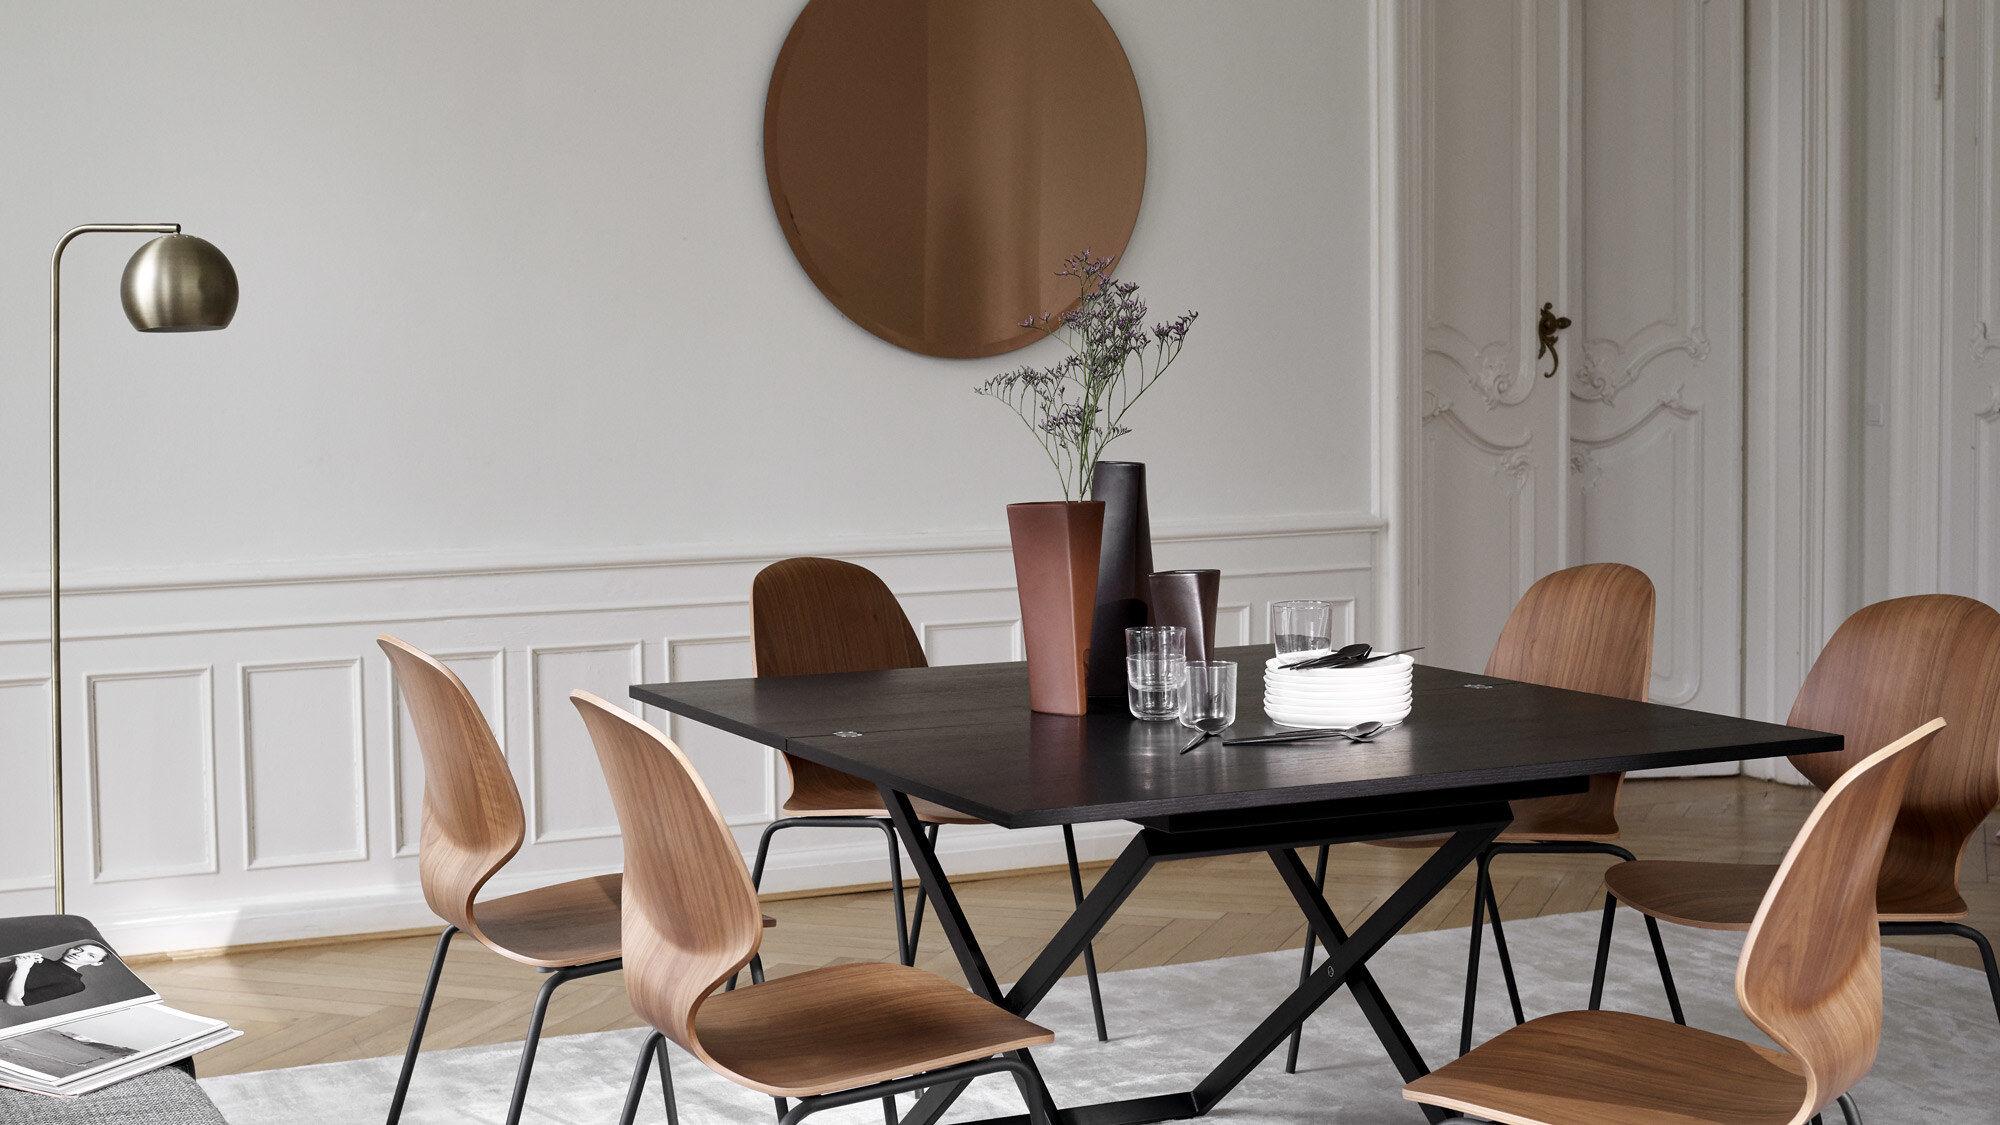 コーヒーテーブル ダイニングテーブル ボーコンセプト